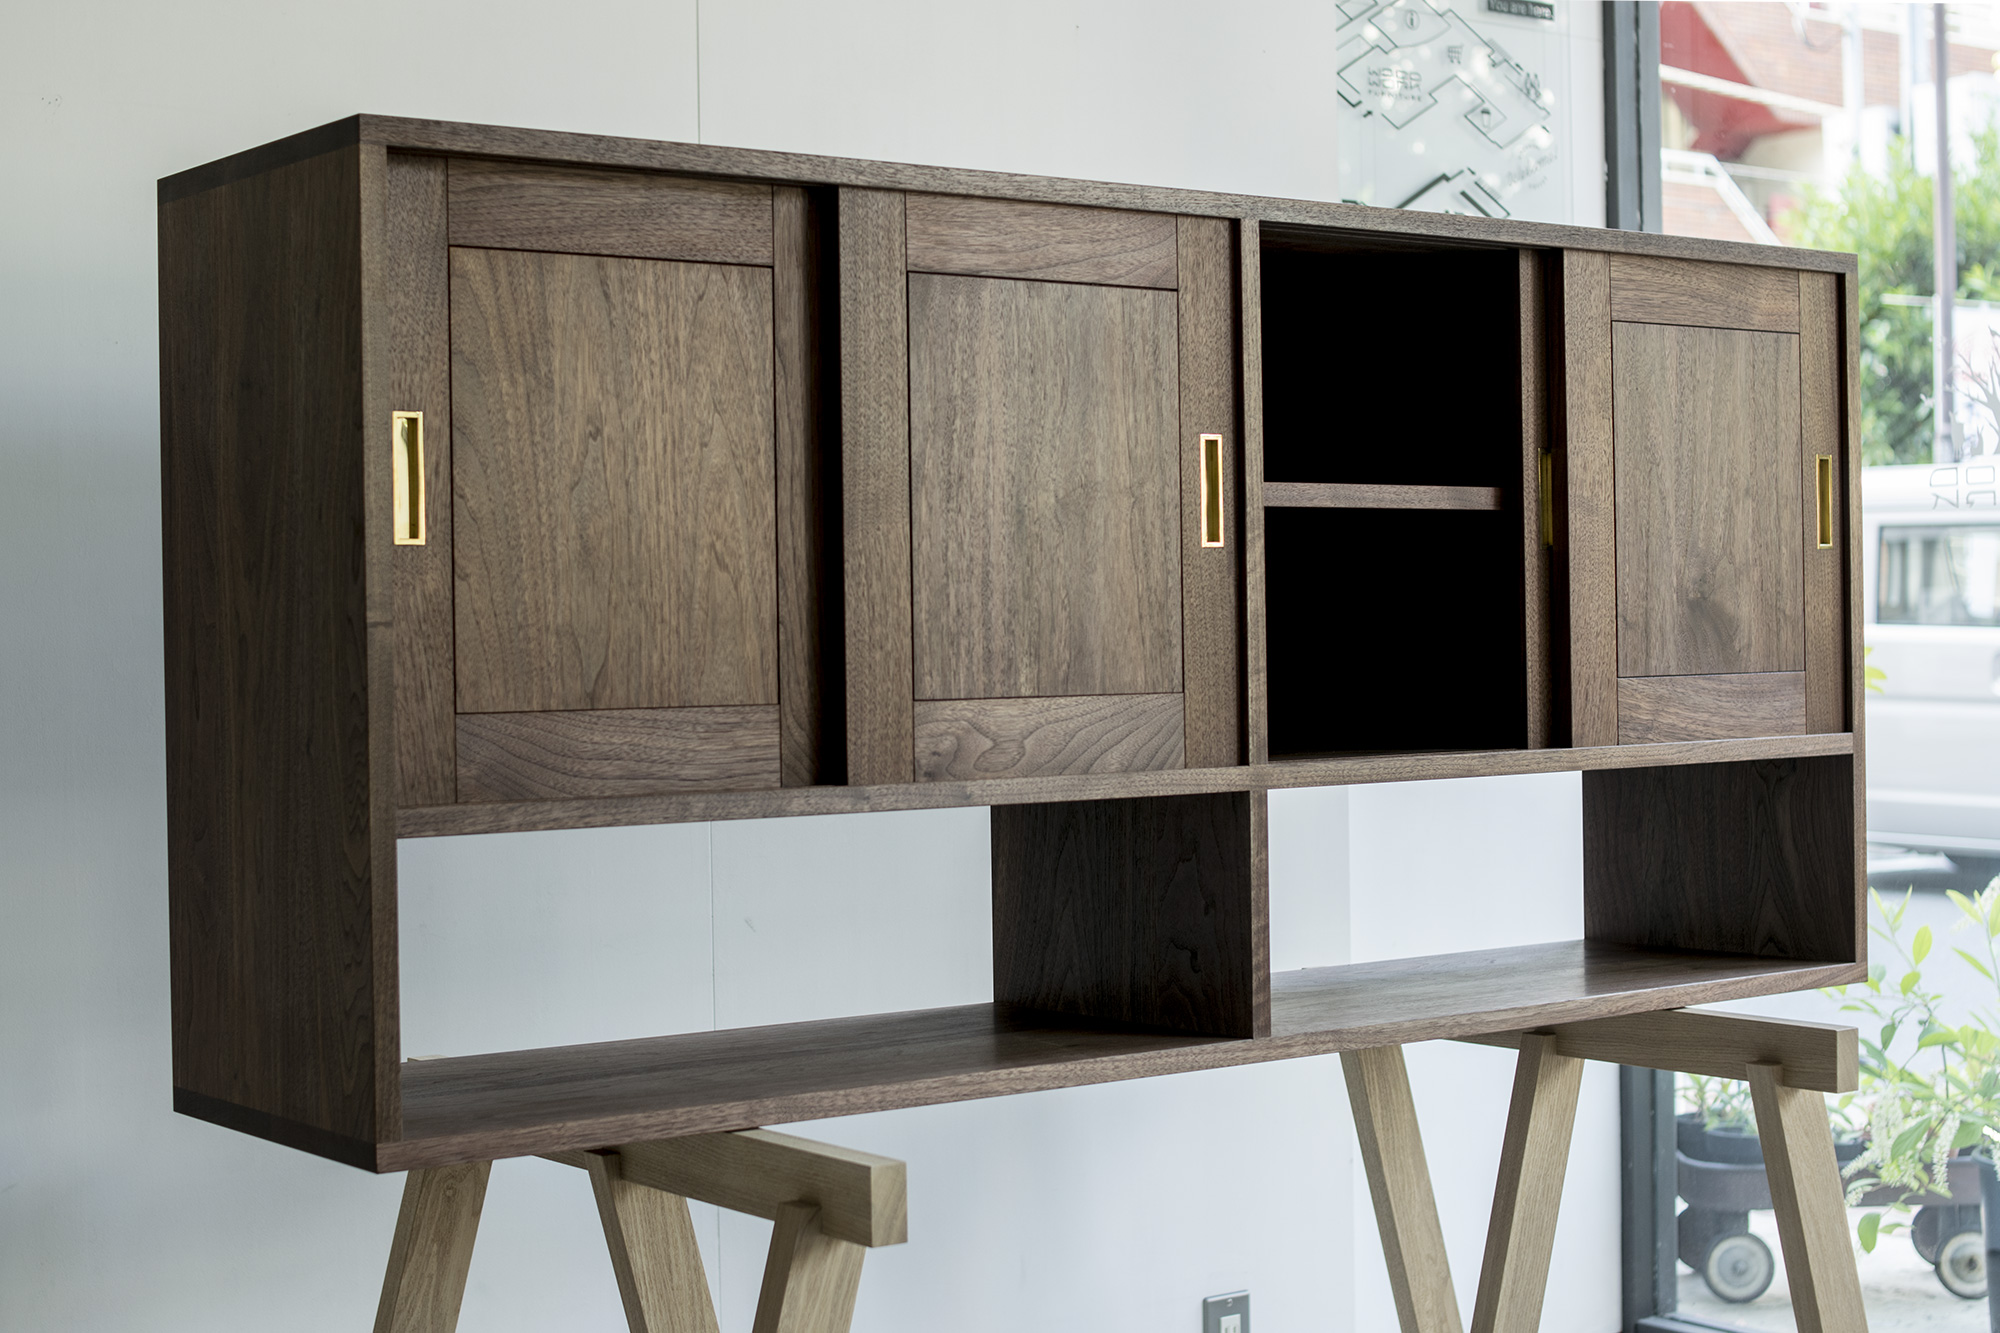 ウォールナット材で製作した食器棚 吊戸棚